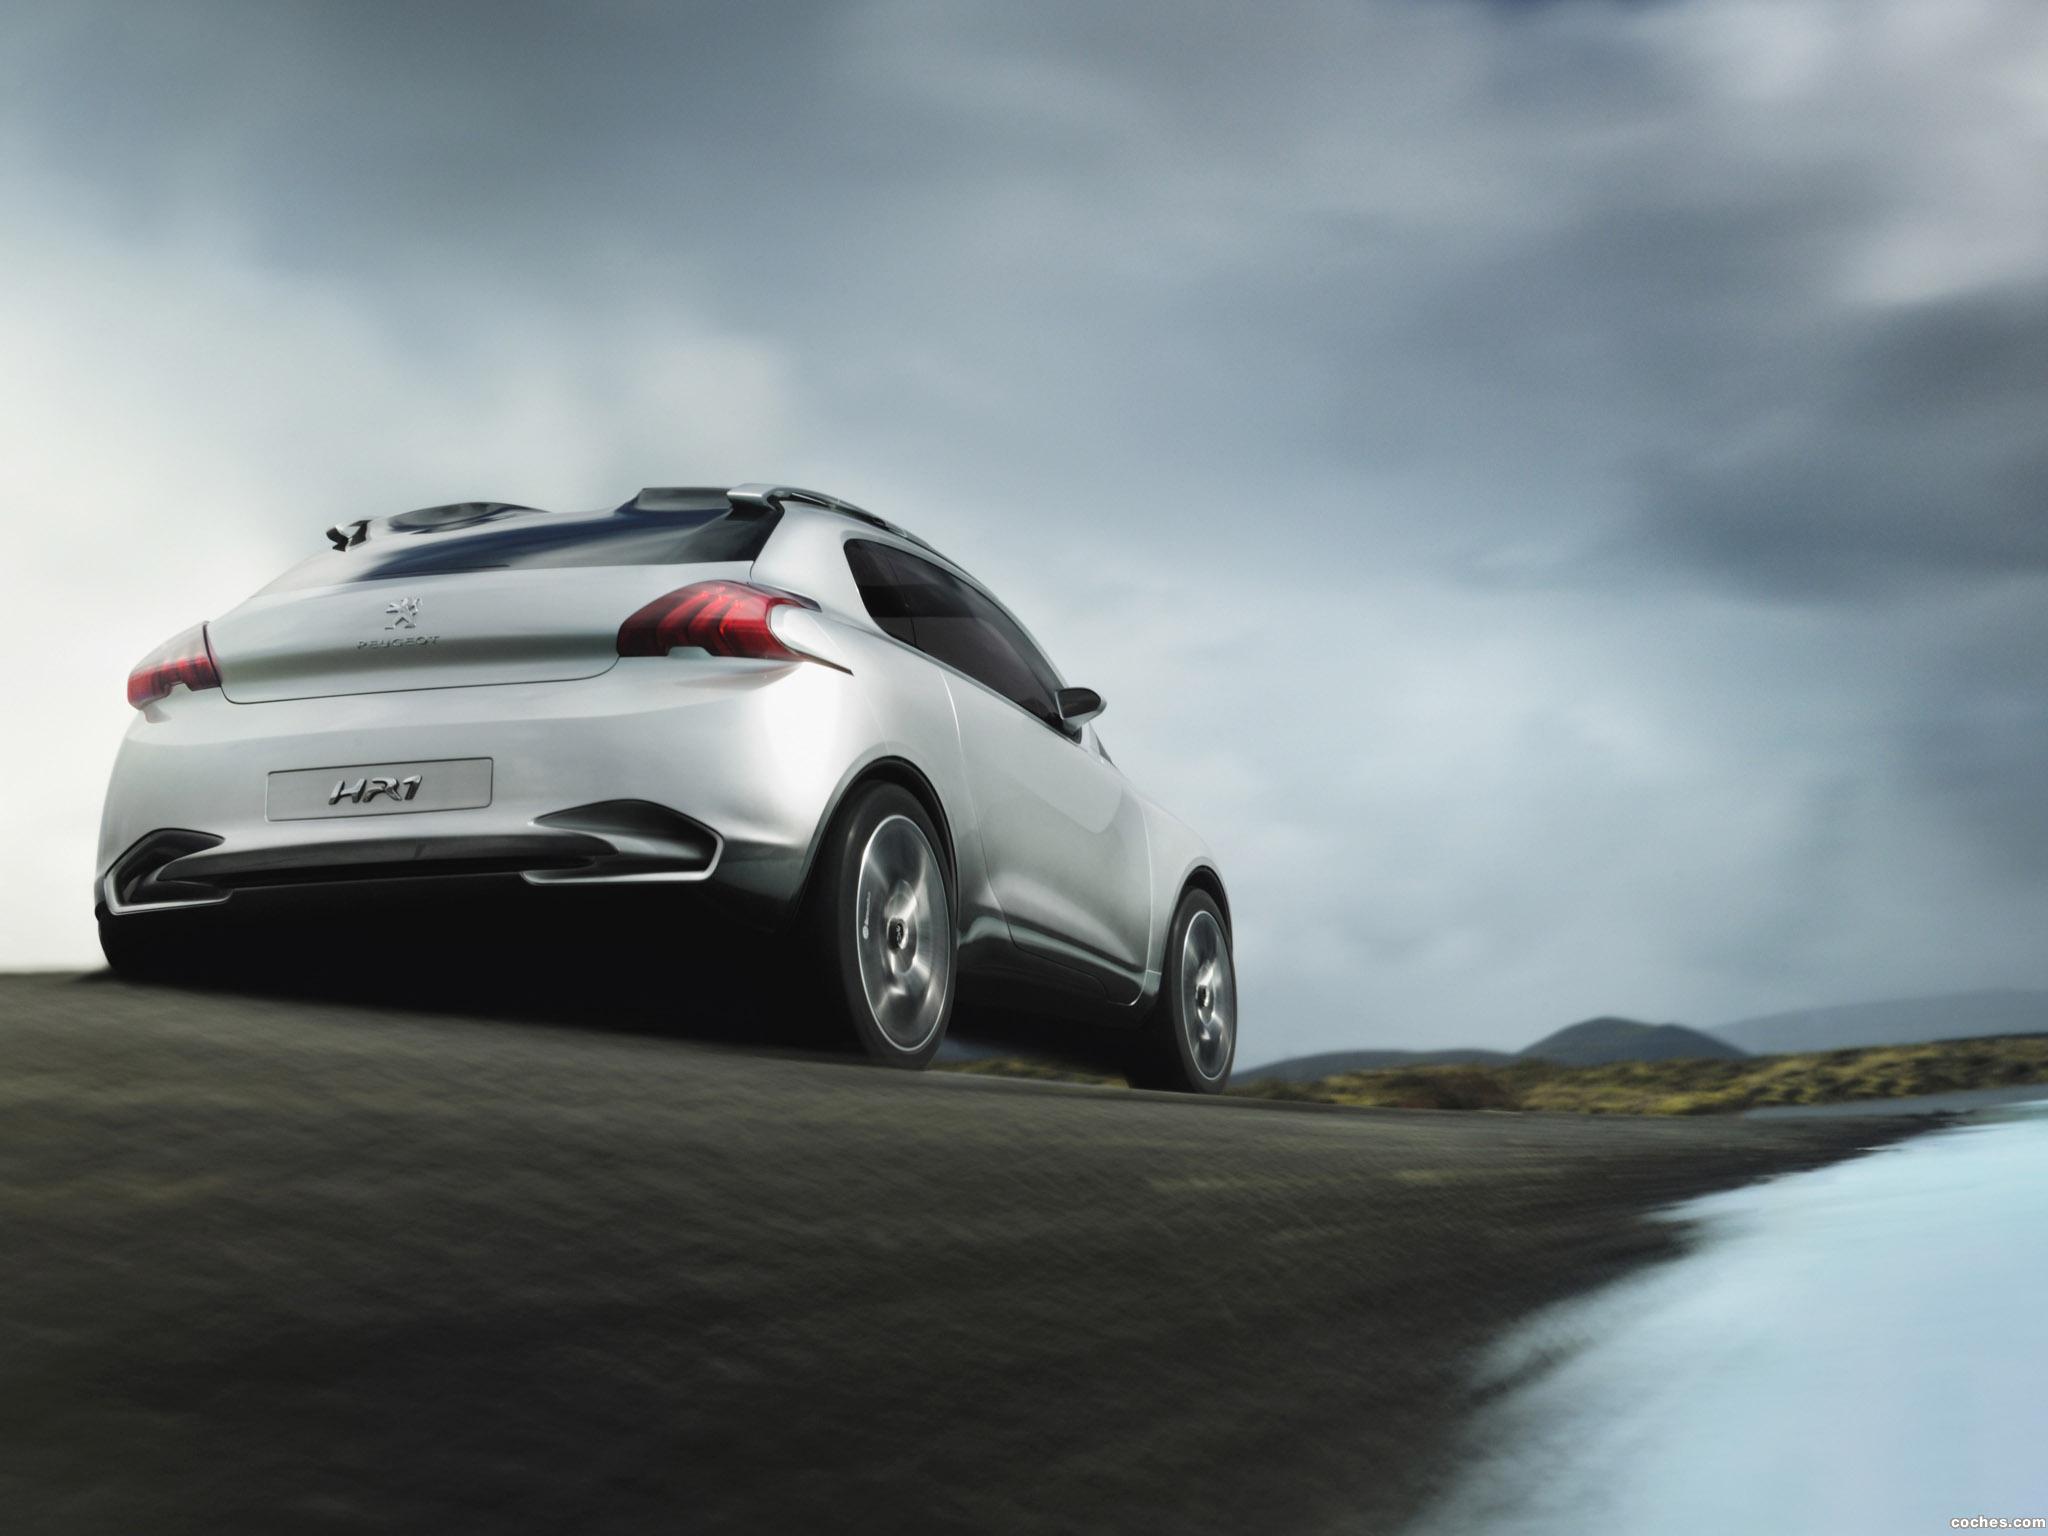 Foto 1 de Peugeot HR1 Concept 2010